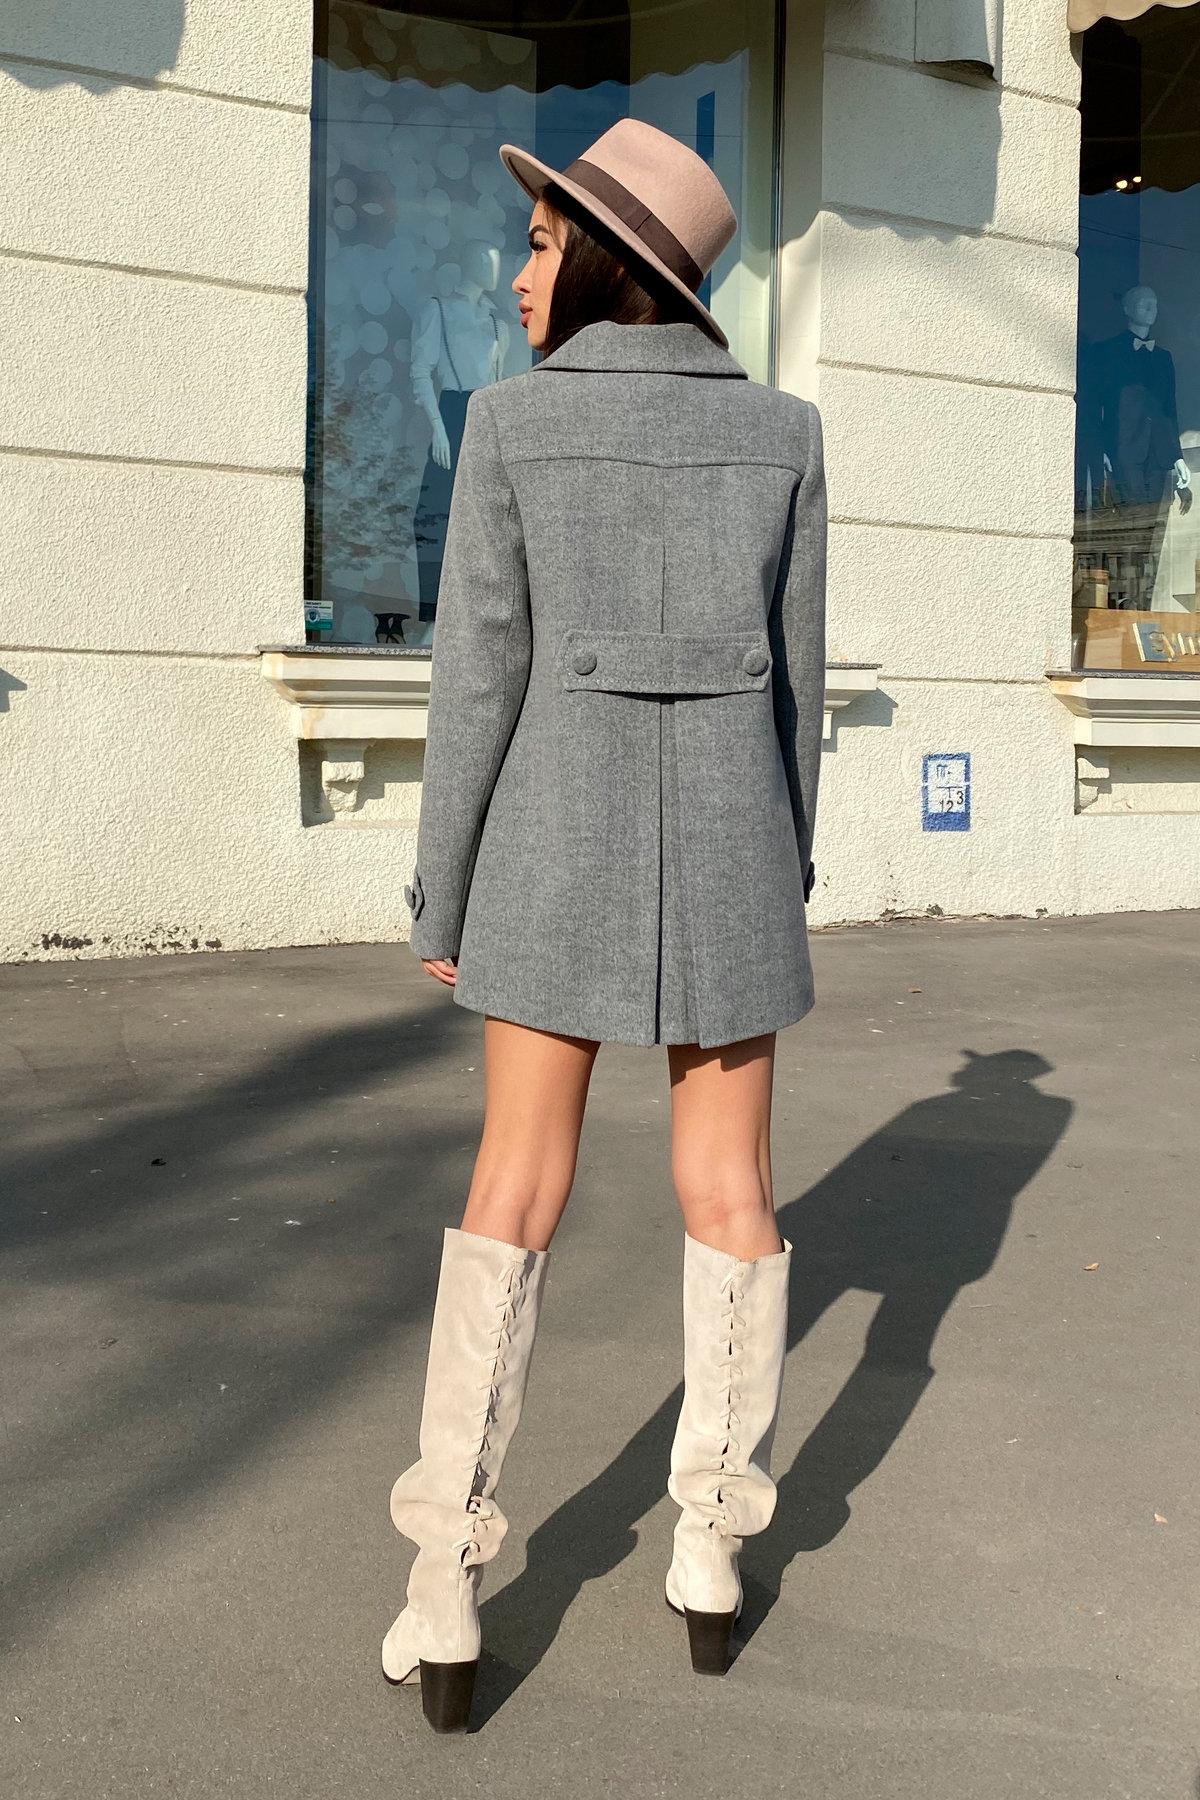 Пальто Смарта 6395 АРТ. 41427 Цвет: Серый 18 - фото 9, интернет магазин tm-modus.ru